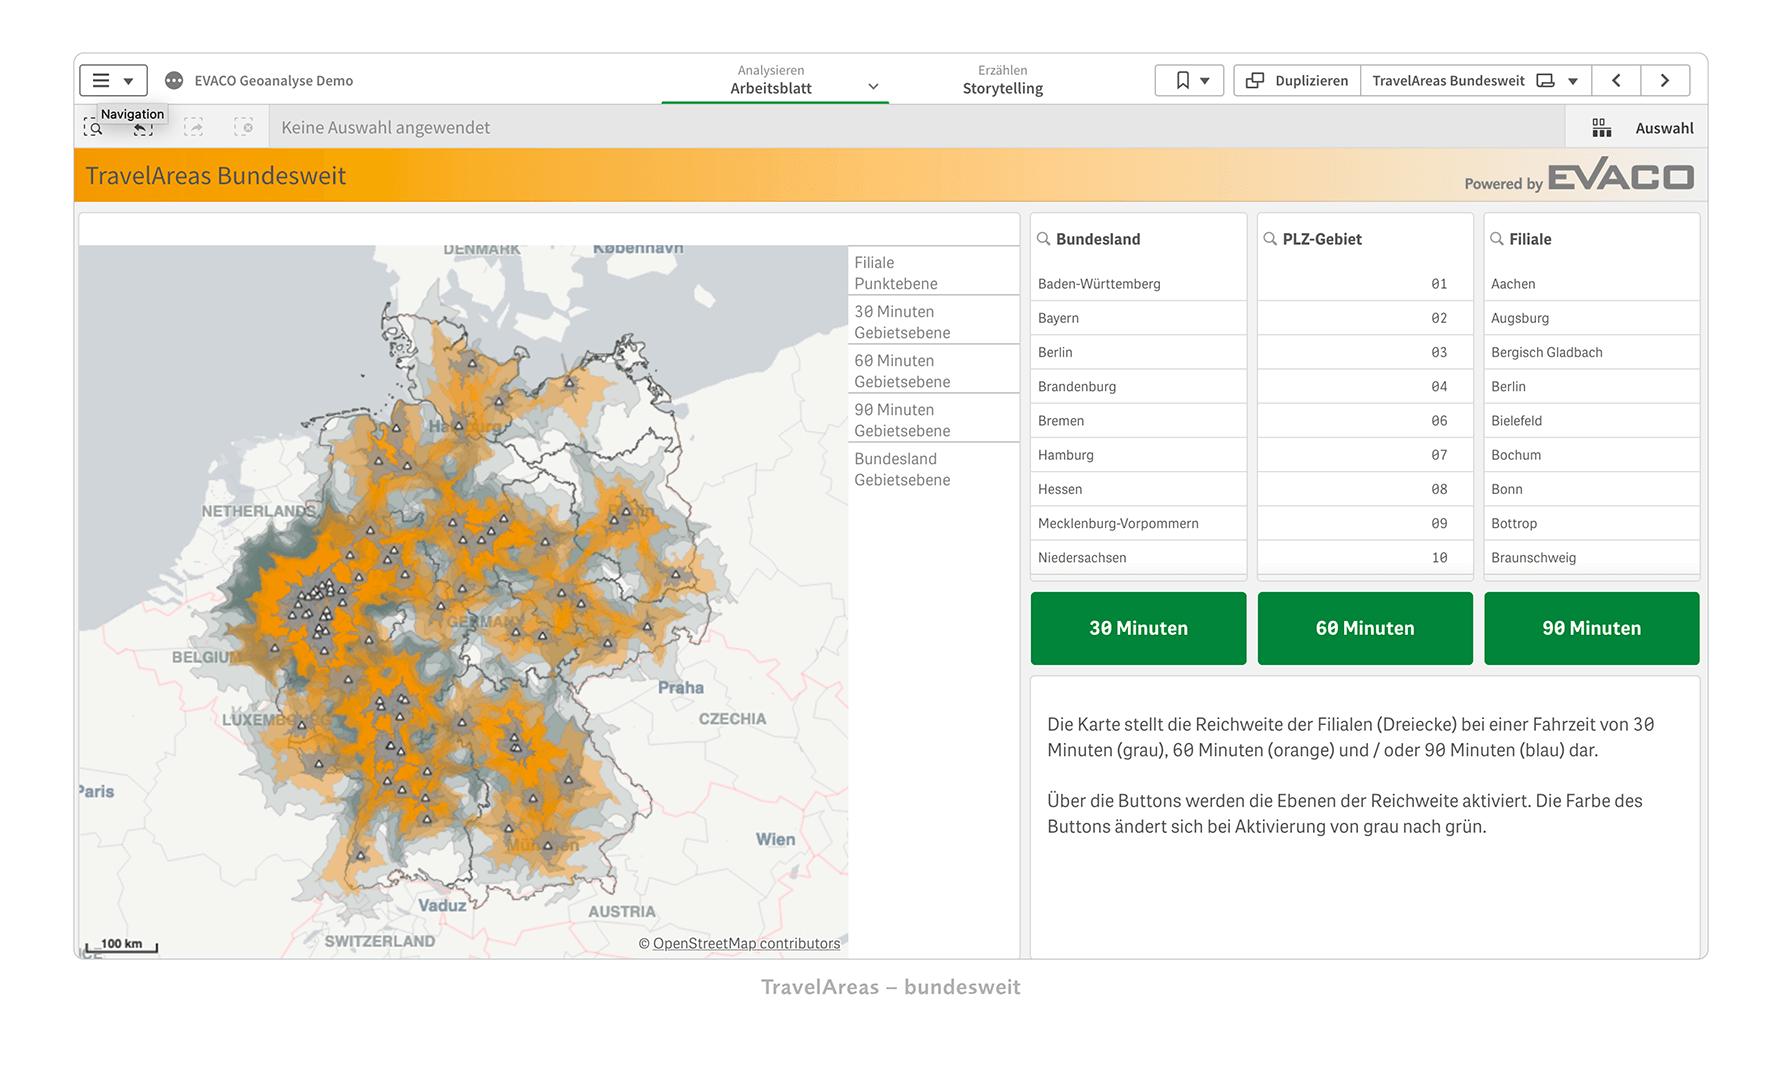 TravelAreas für Analysen von Reichweiten und Entfernungen nutzen